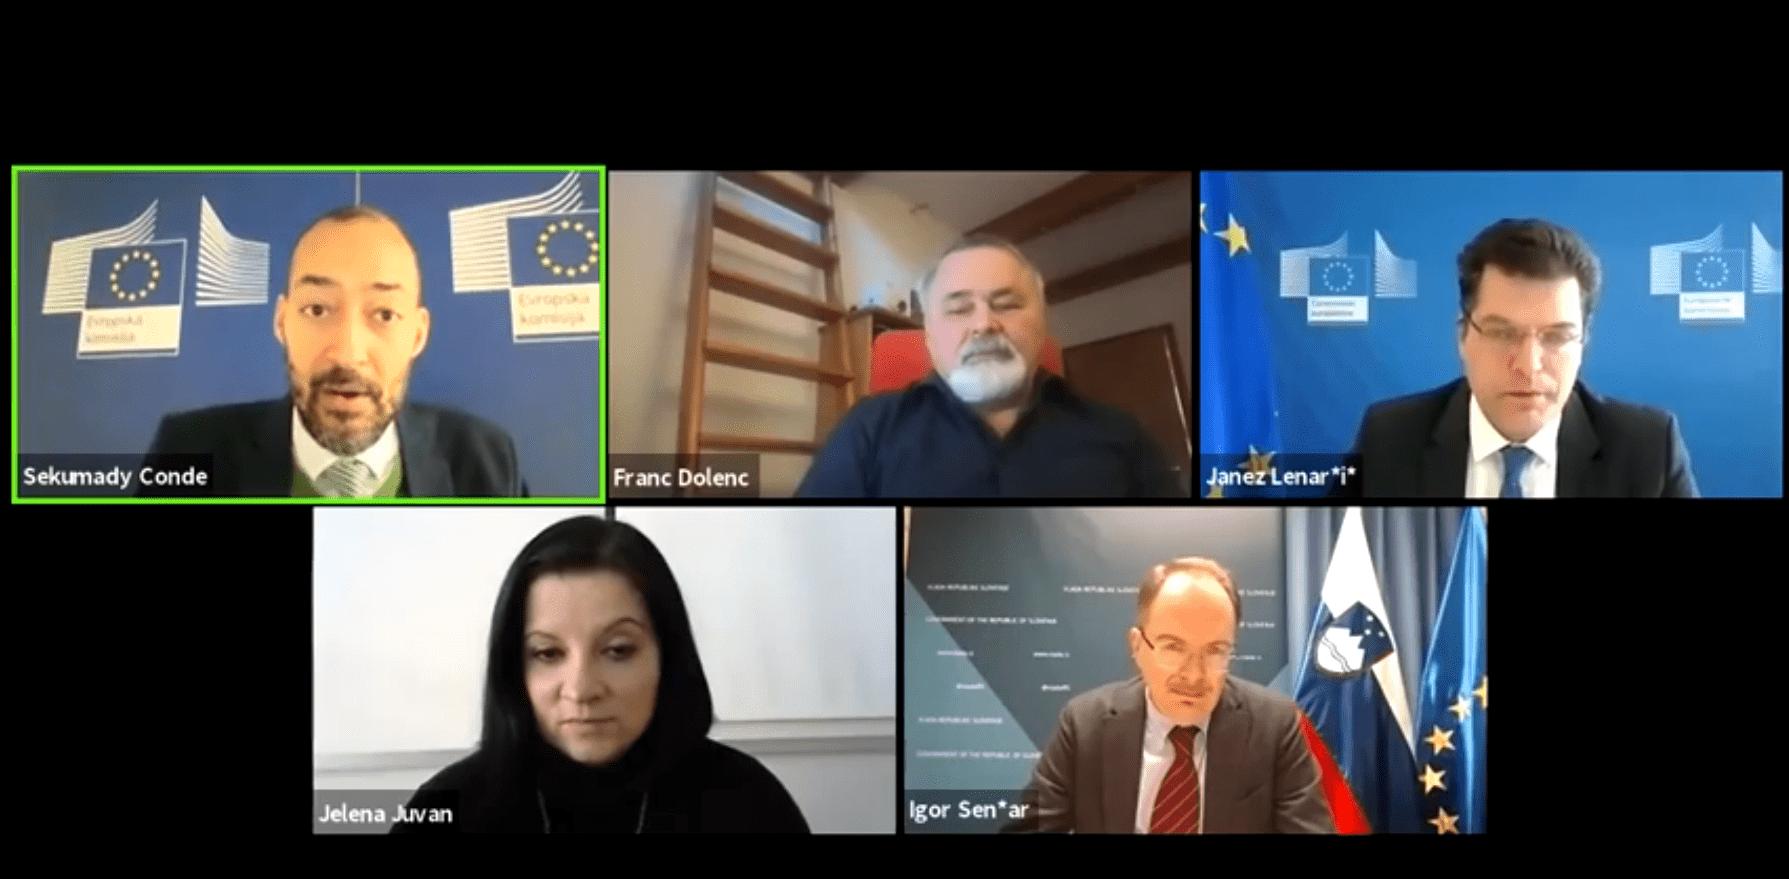 Razprava EU in krize